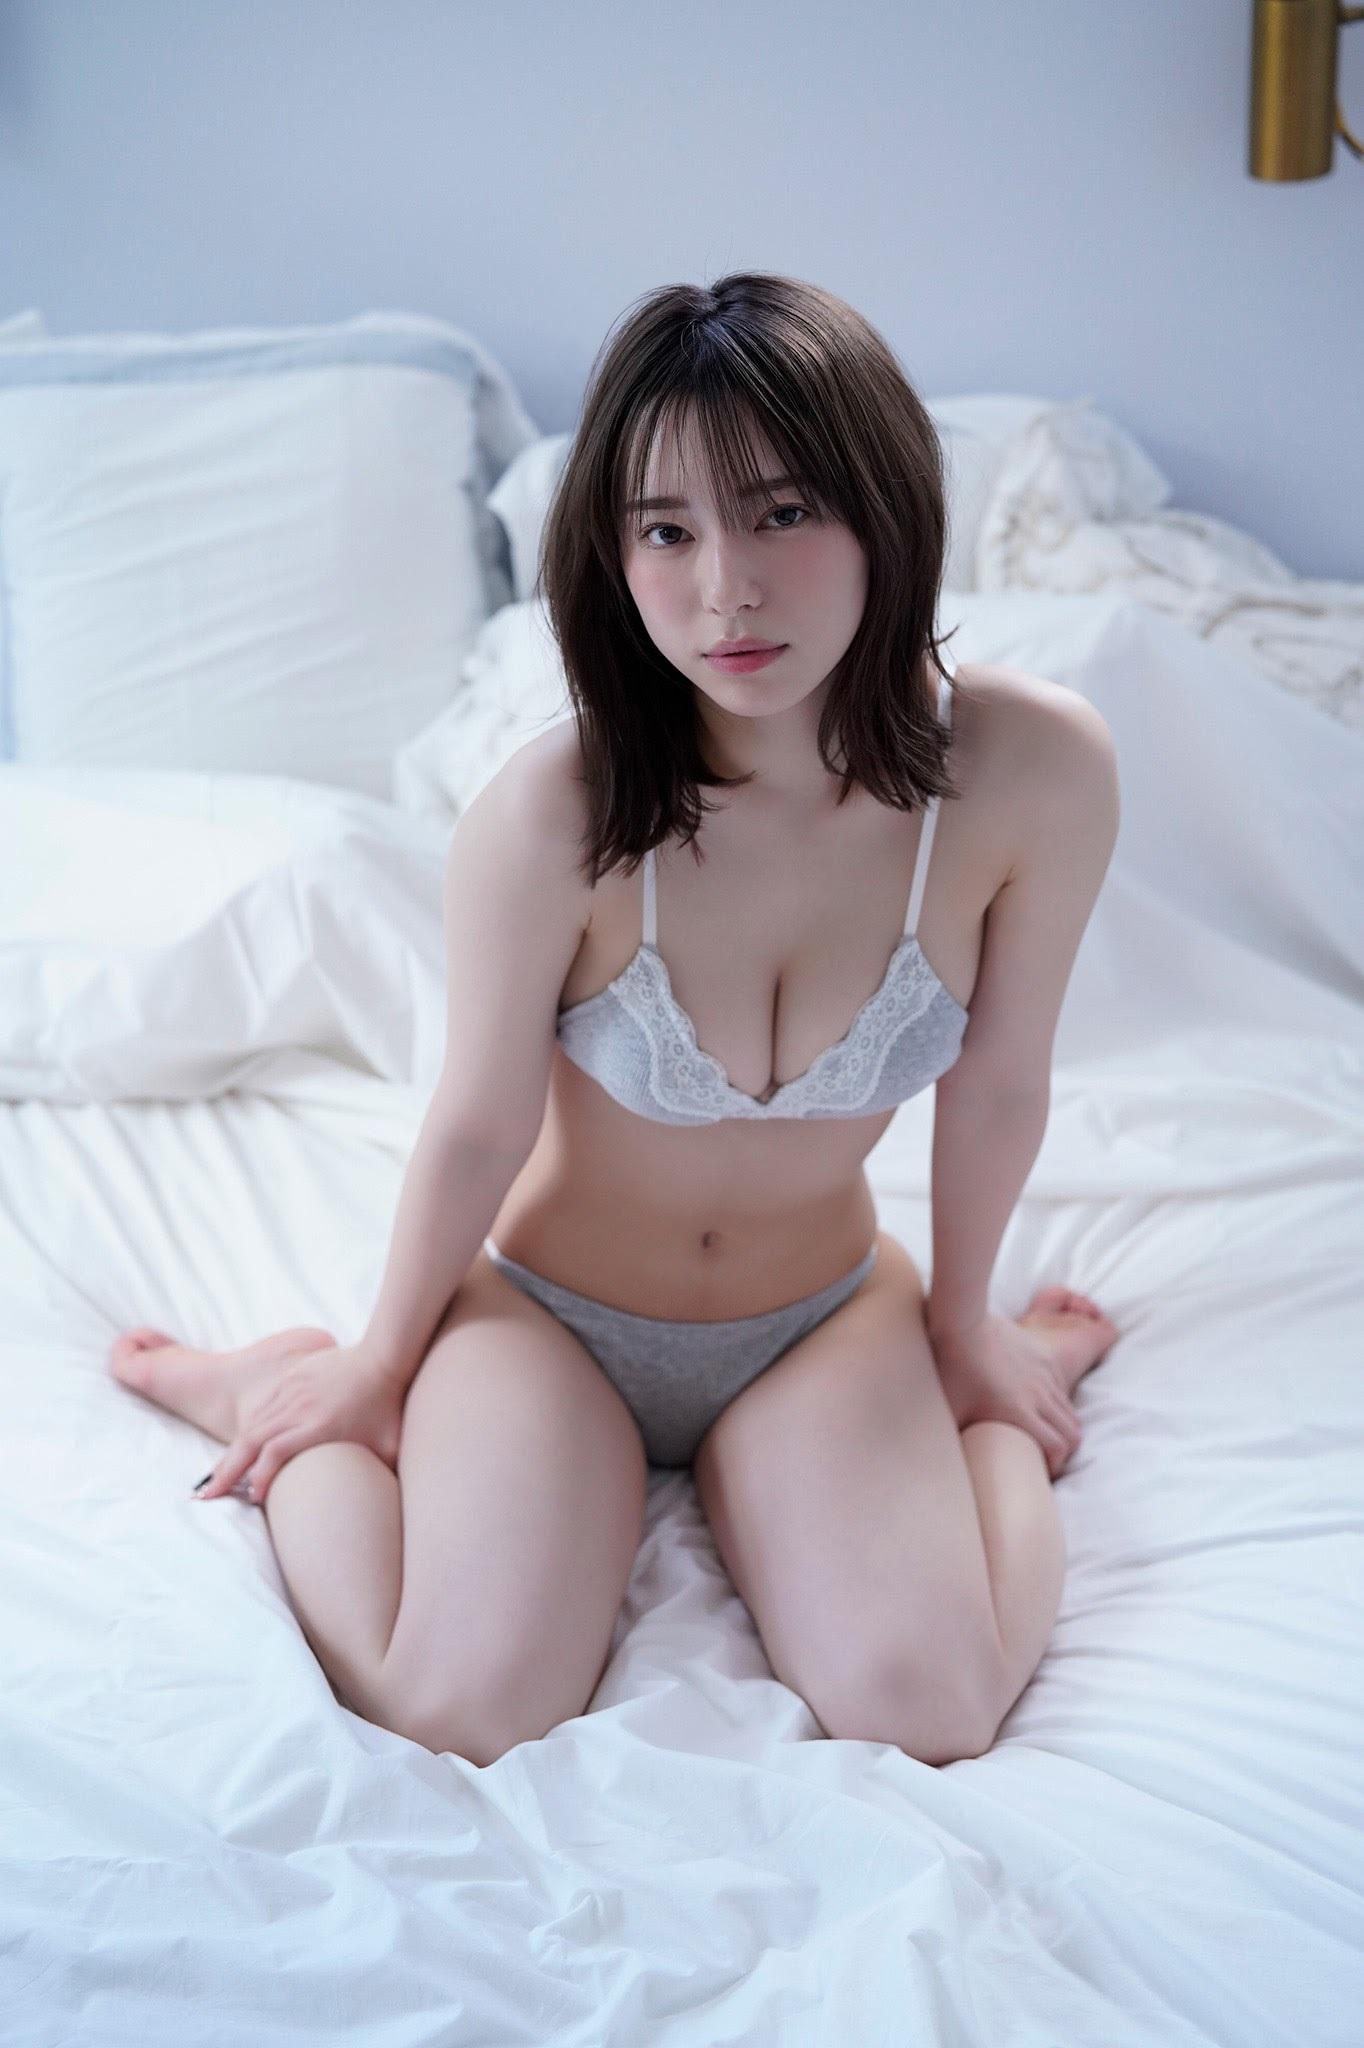 マーフィー波奈37